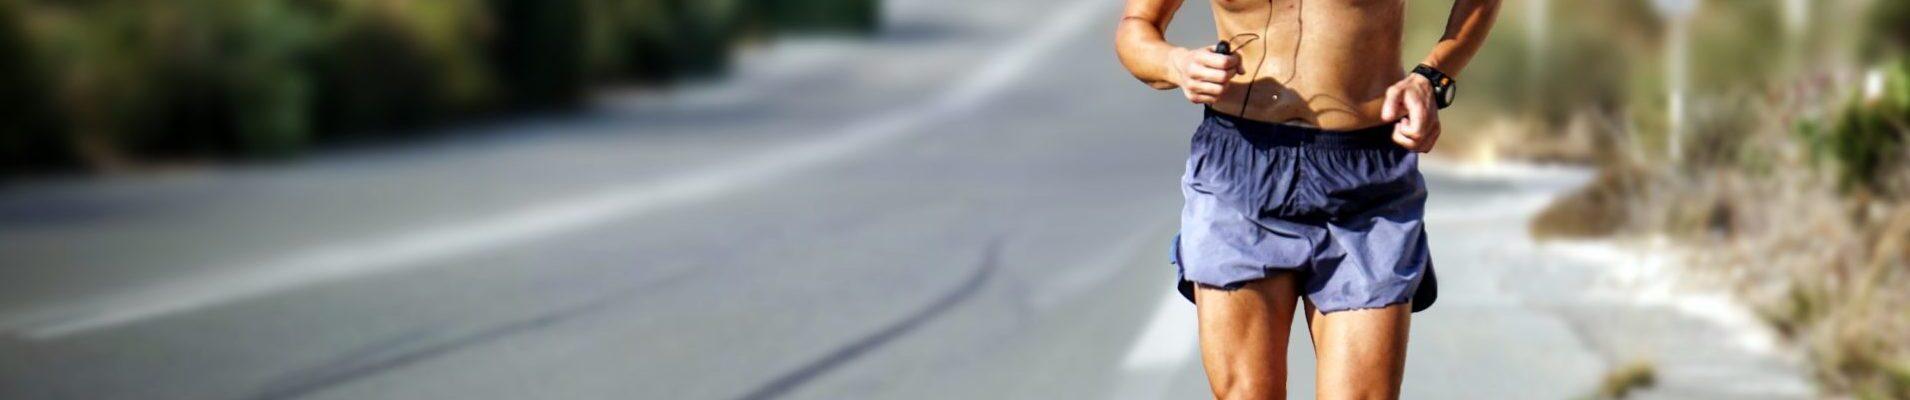 bieganie - maraton - bieg